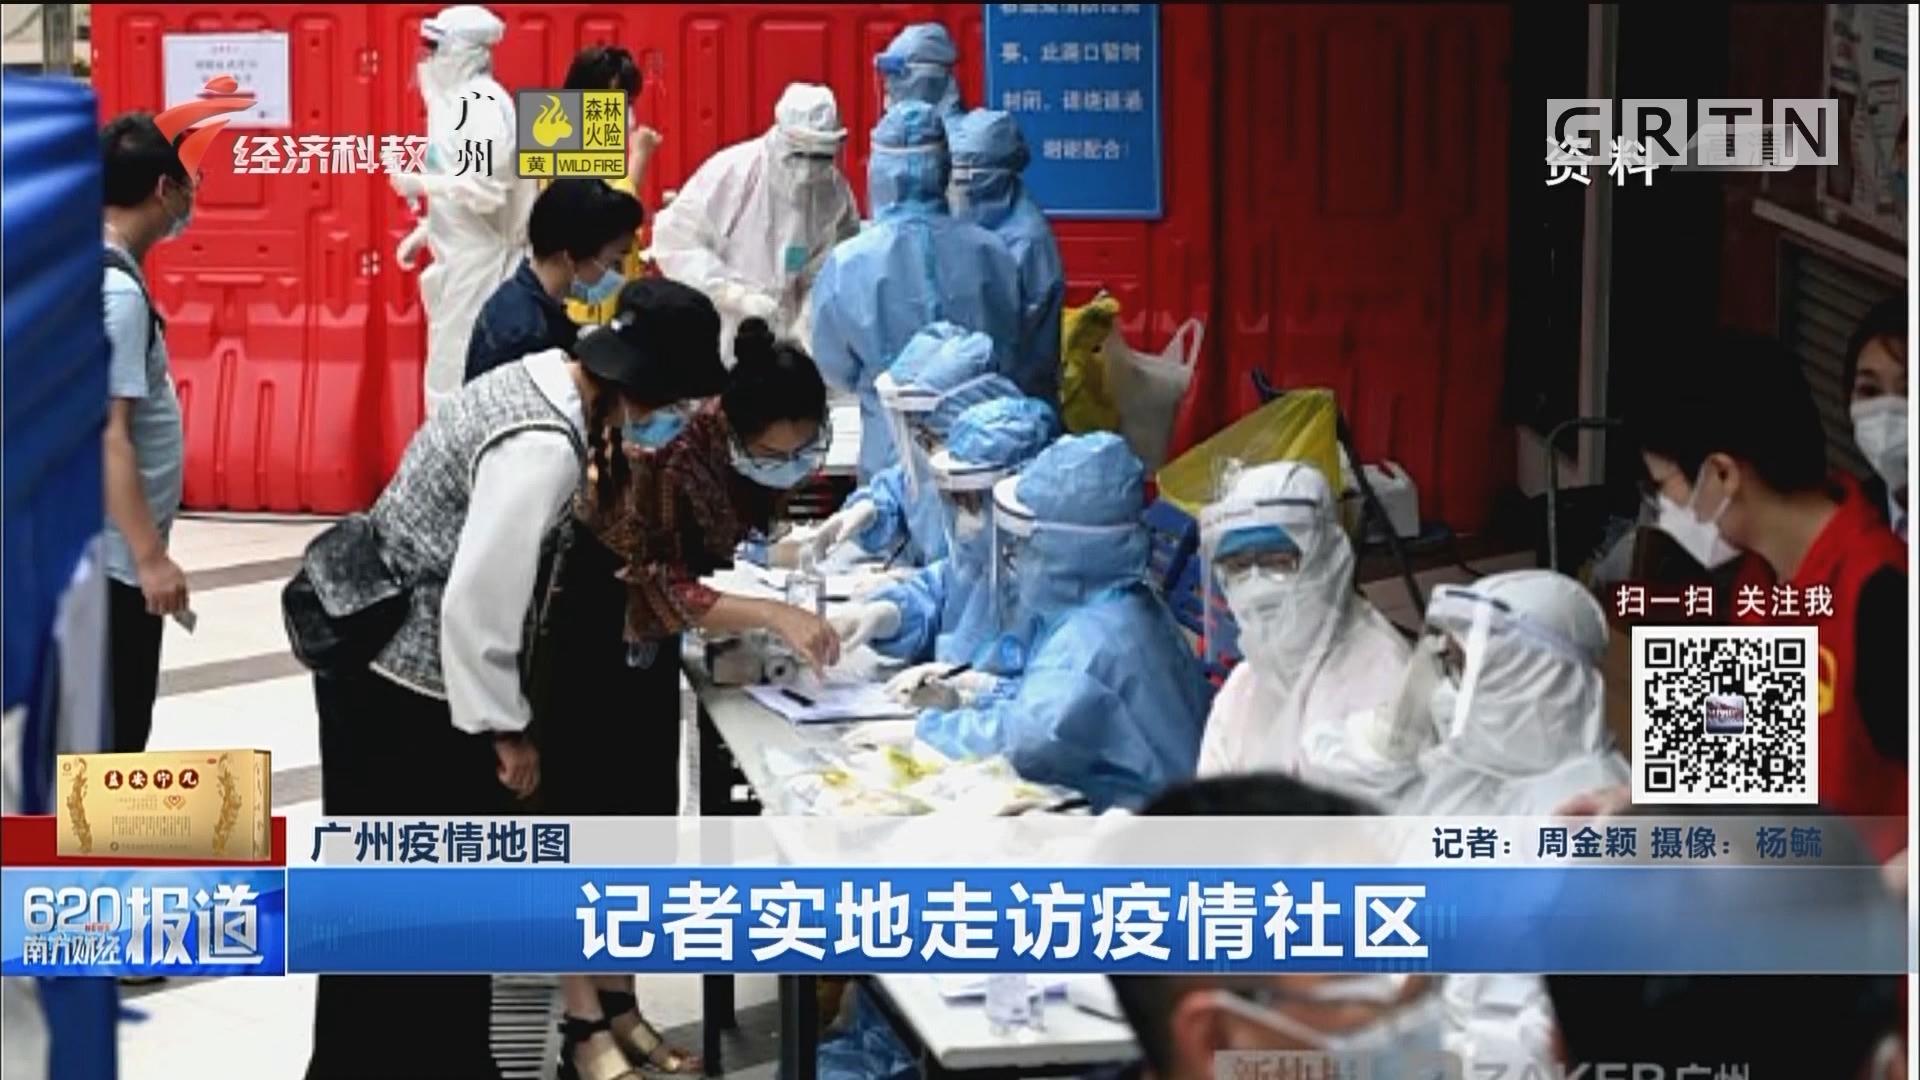 广州疫情地图 记者实地走访疫情社区